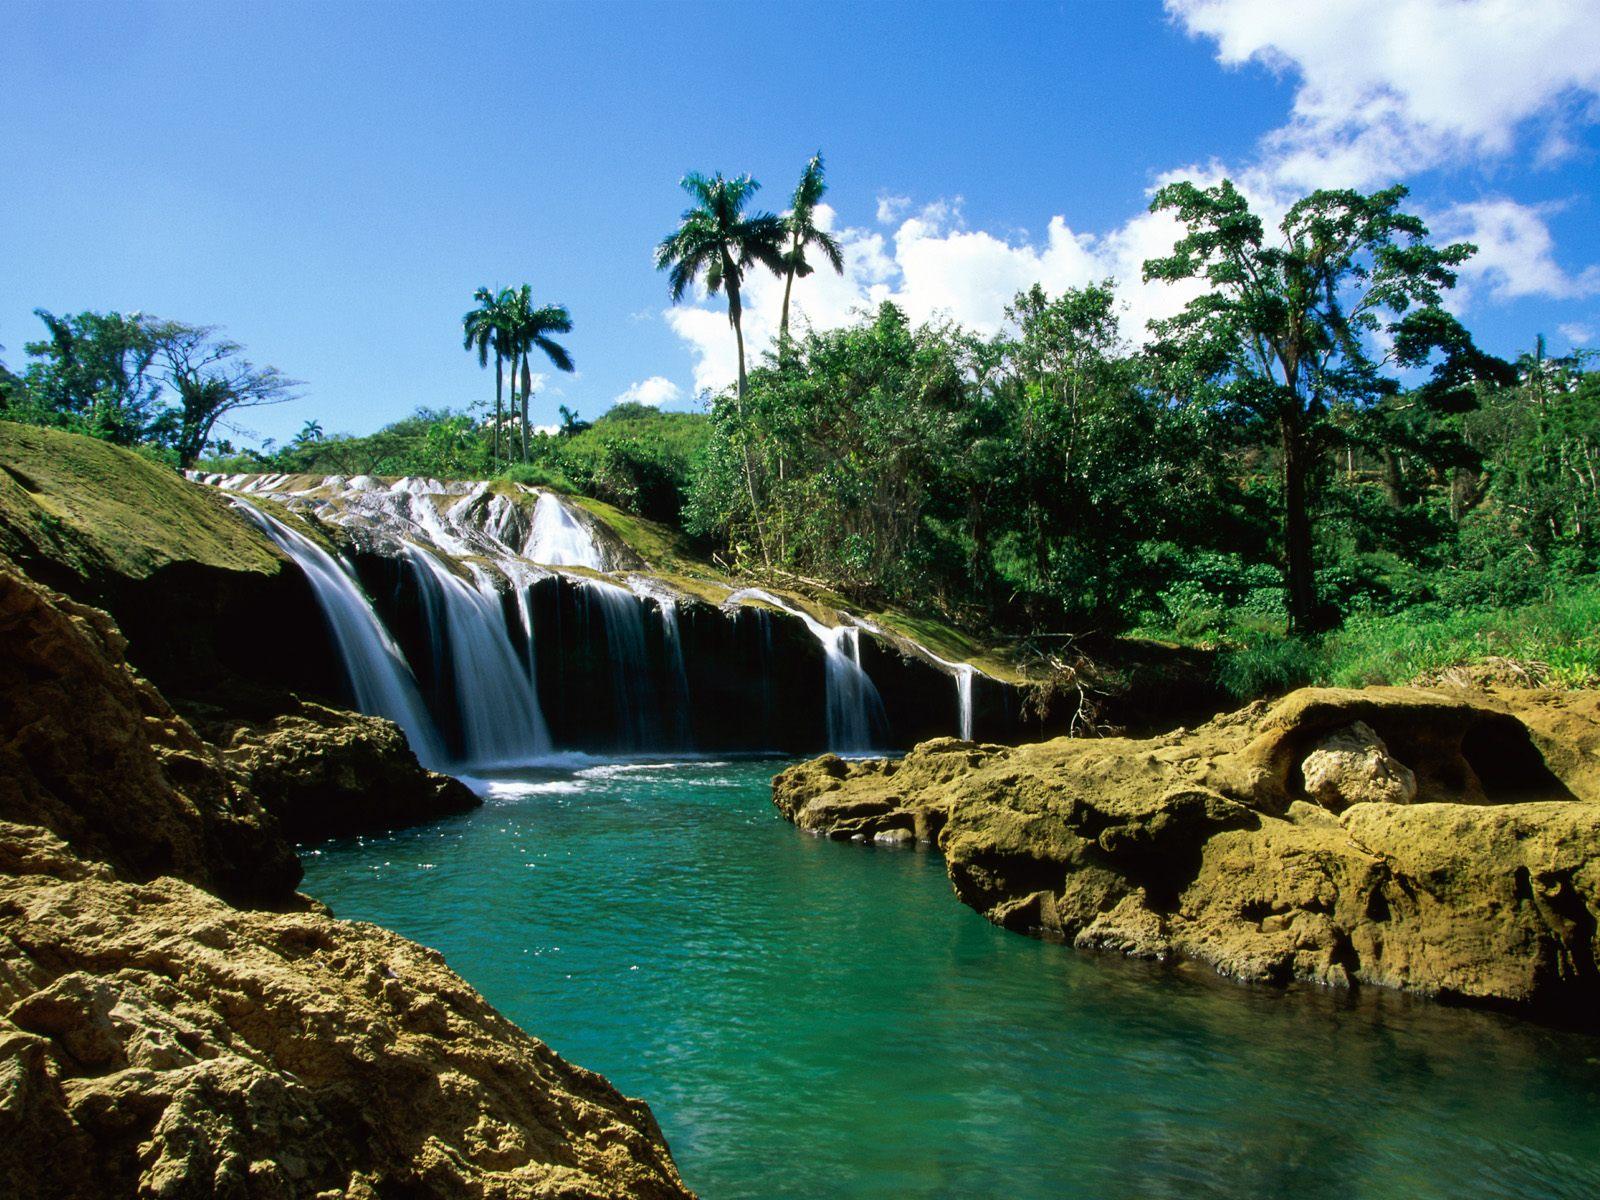 El Nicho Falls, Sierra de Trinidad, Cuba